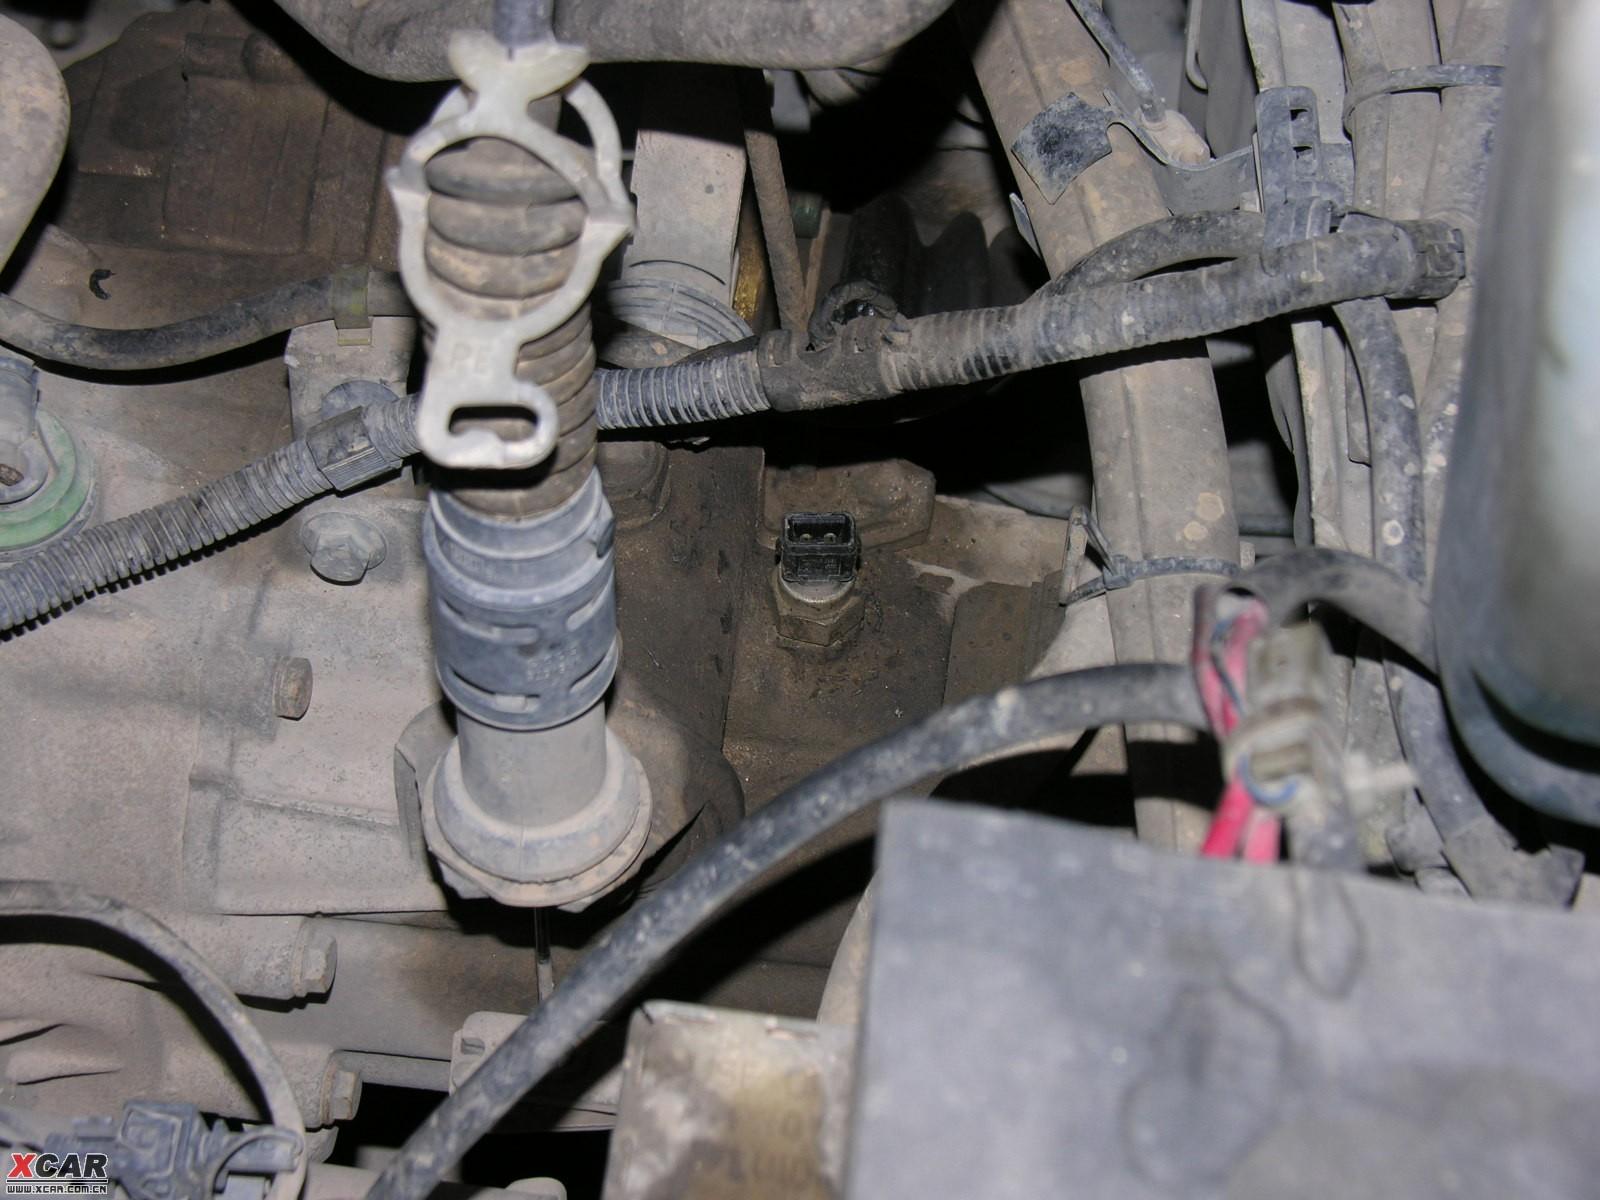 拔下倒车灯开关的接线接头